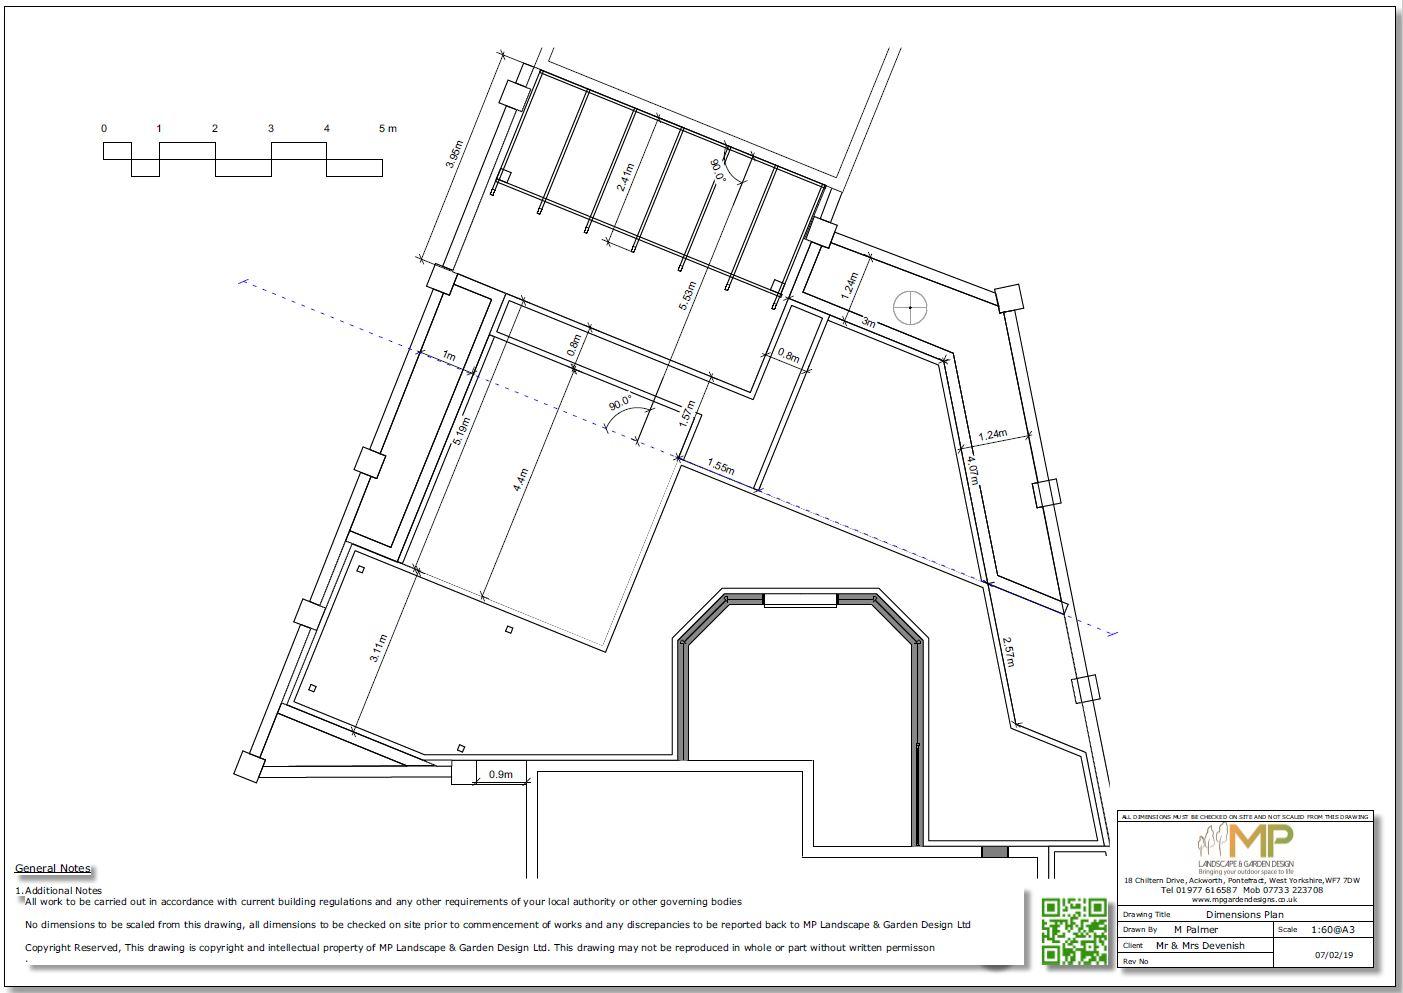 Garden design layout plans for a rear garden in Wakefield, West Yorkshire.